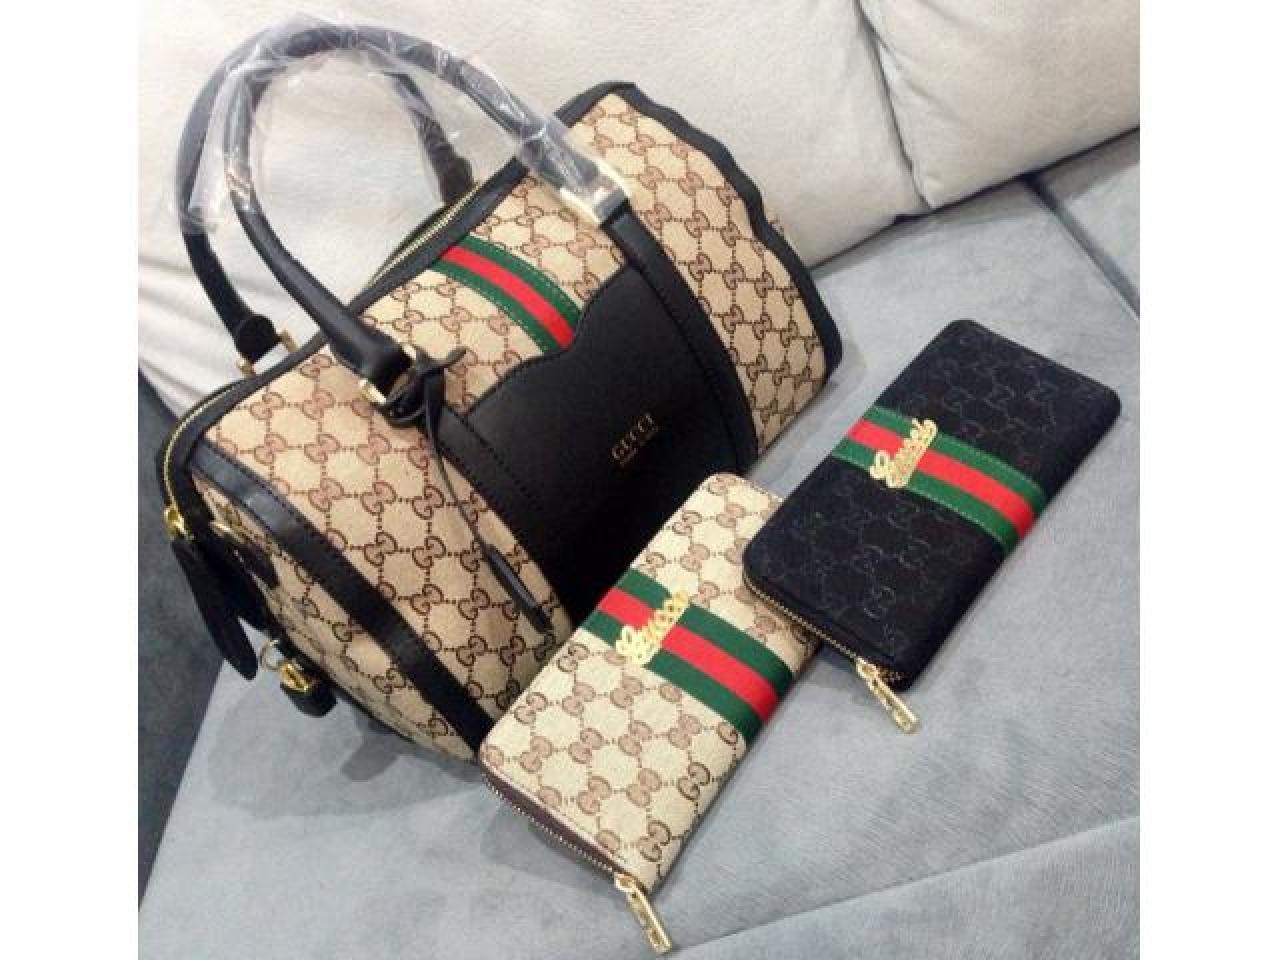 Обувь и сумочки копии знаменитых брендов - 4